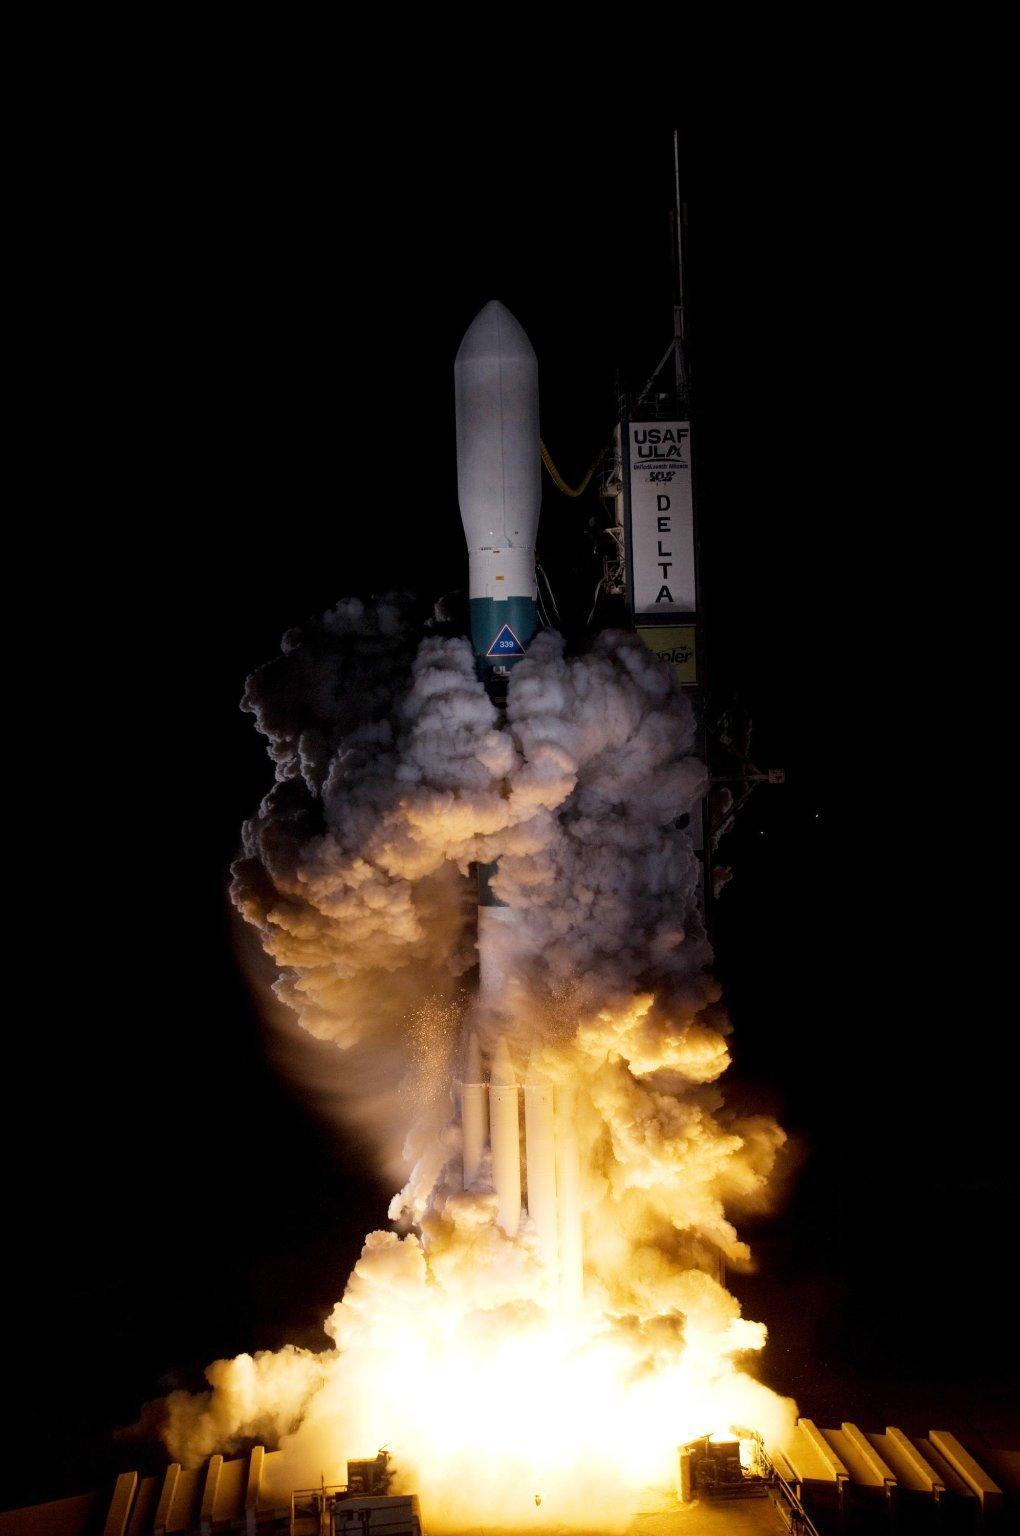 Am 6. März 2009 startete das Weltraumteleskop Kepler mit einer Delta-2-Rakete zu seiner Reise durch das Weltall.